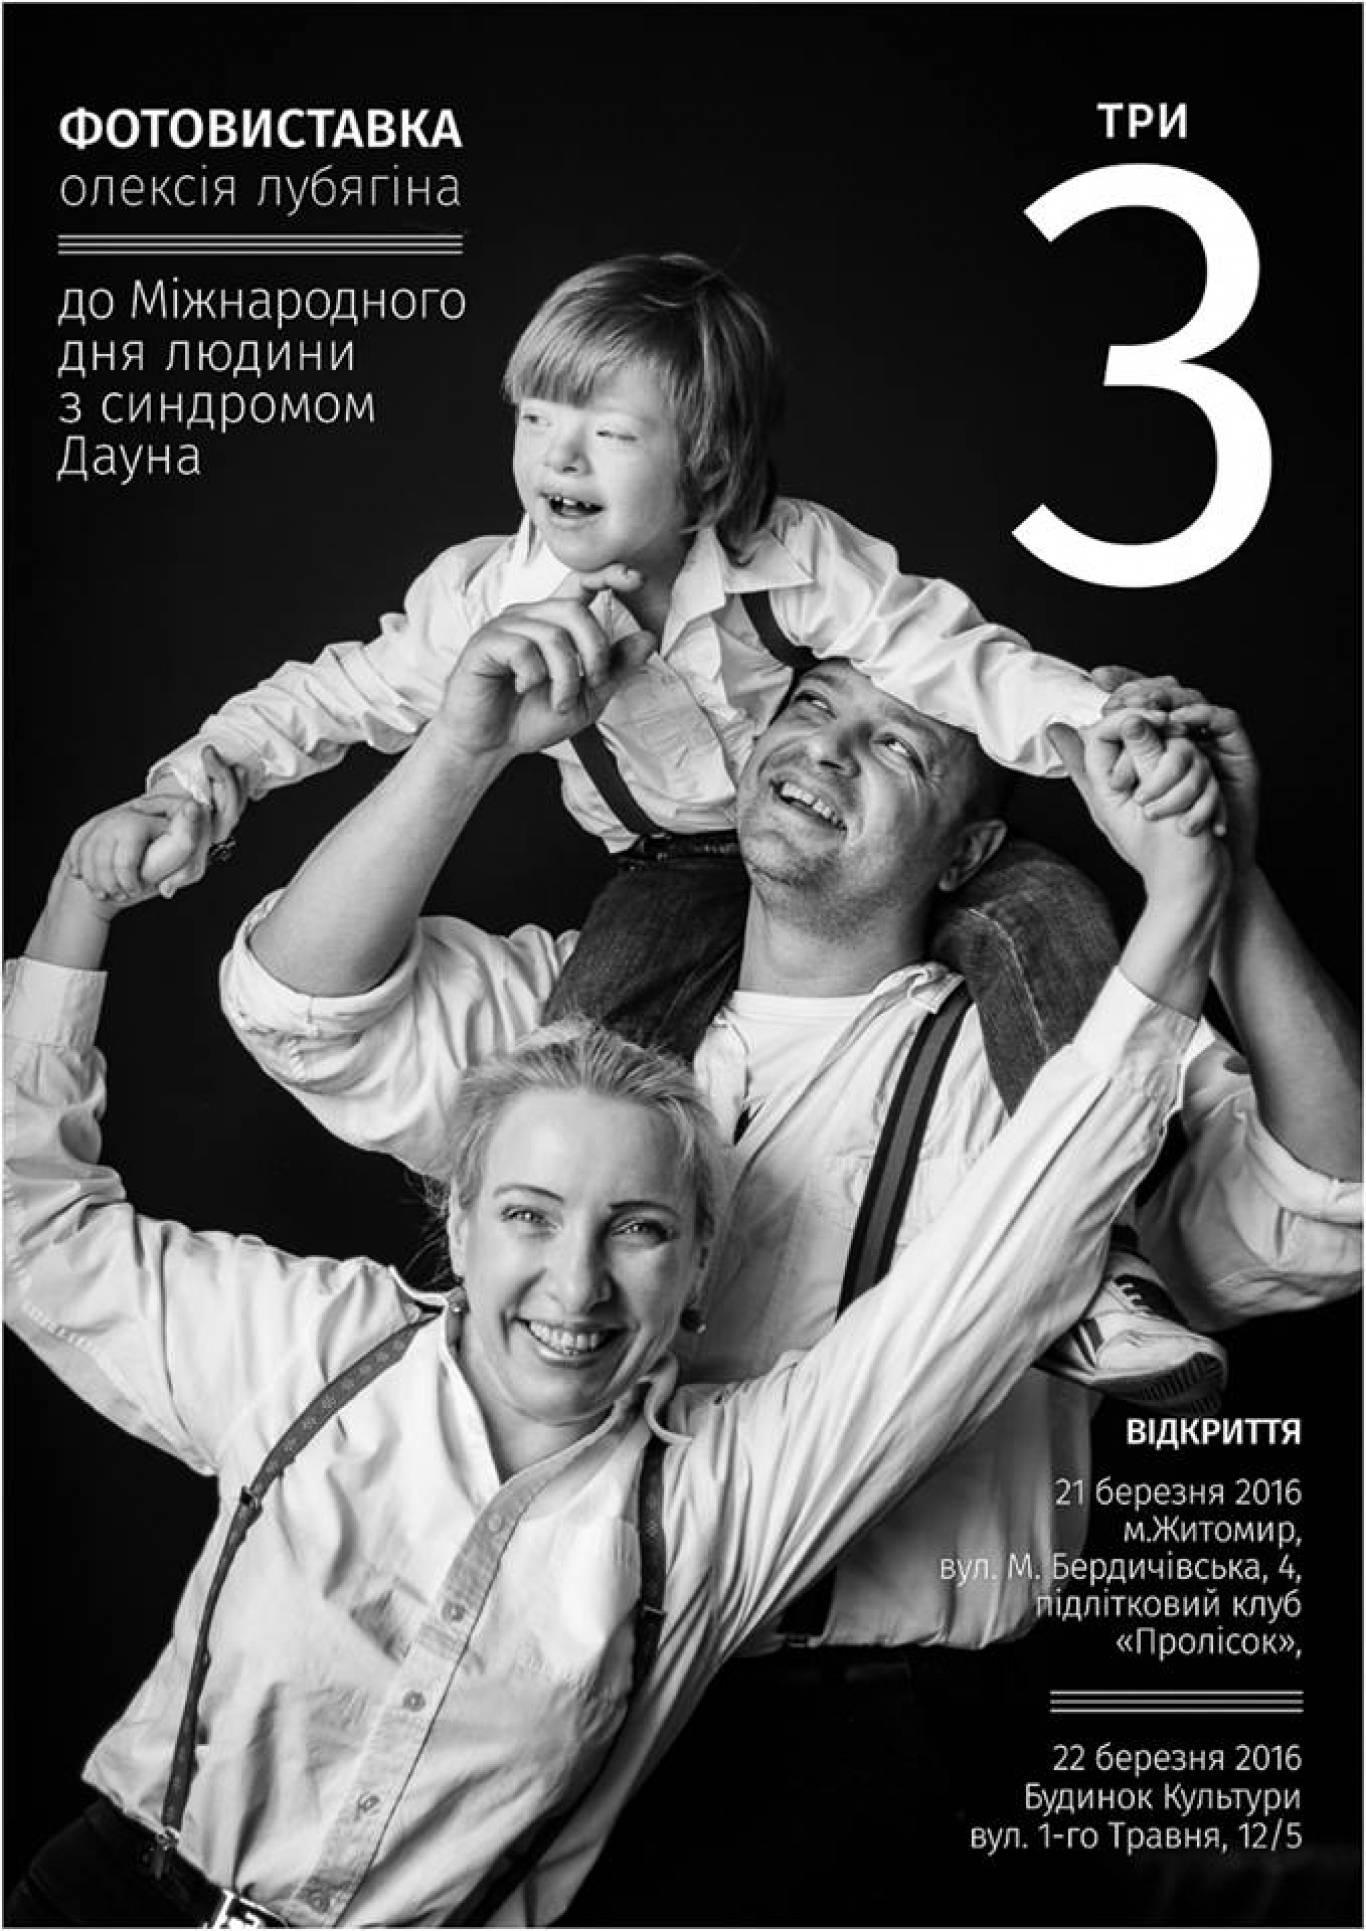 """Фотовиставка Олексія Лубягіна """"3 (ТРИ)"""""""